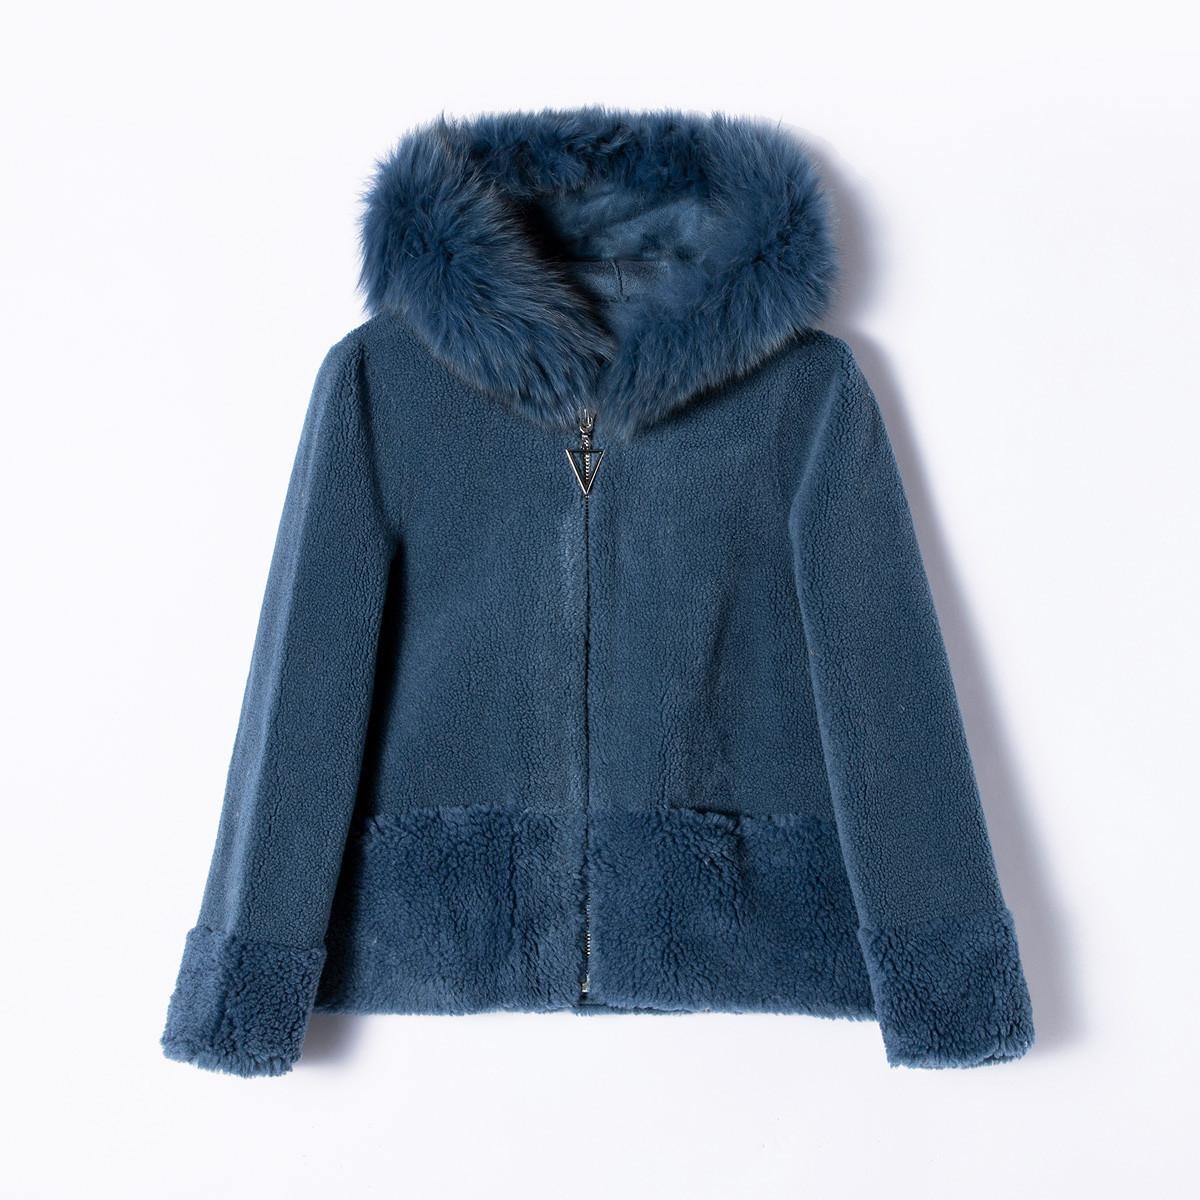 爱迪.丹顿19冬季新品时尚连帽款颗粒绒优雅羊毛皮草外套SM4398073-08